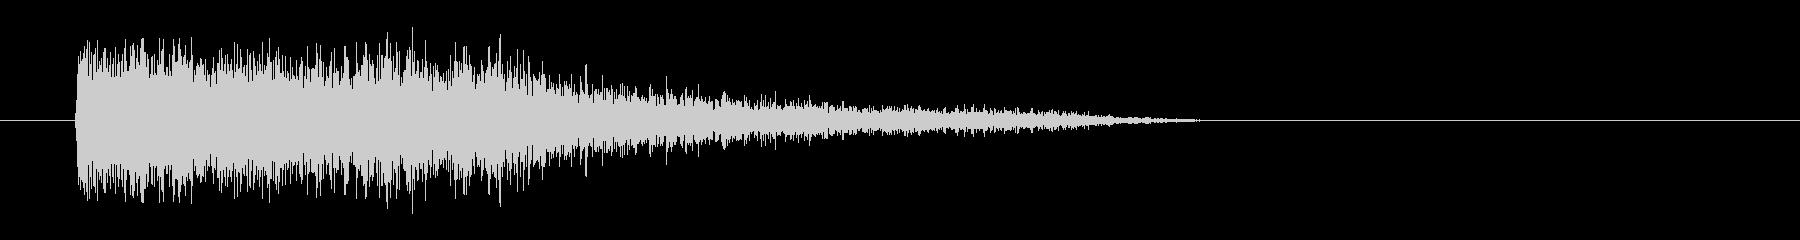 レーザー音-80-3の未再生の波形